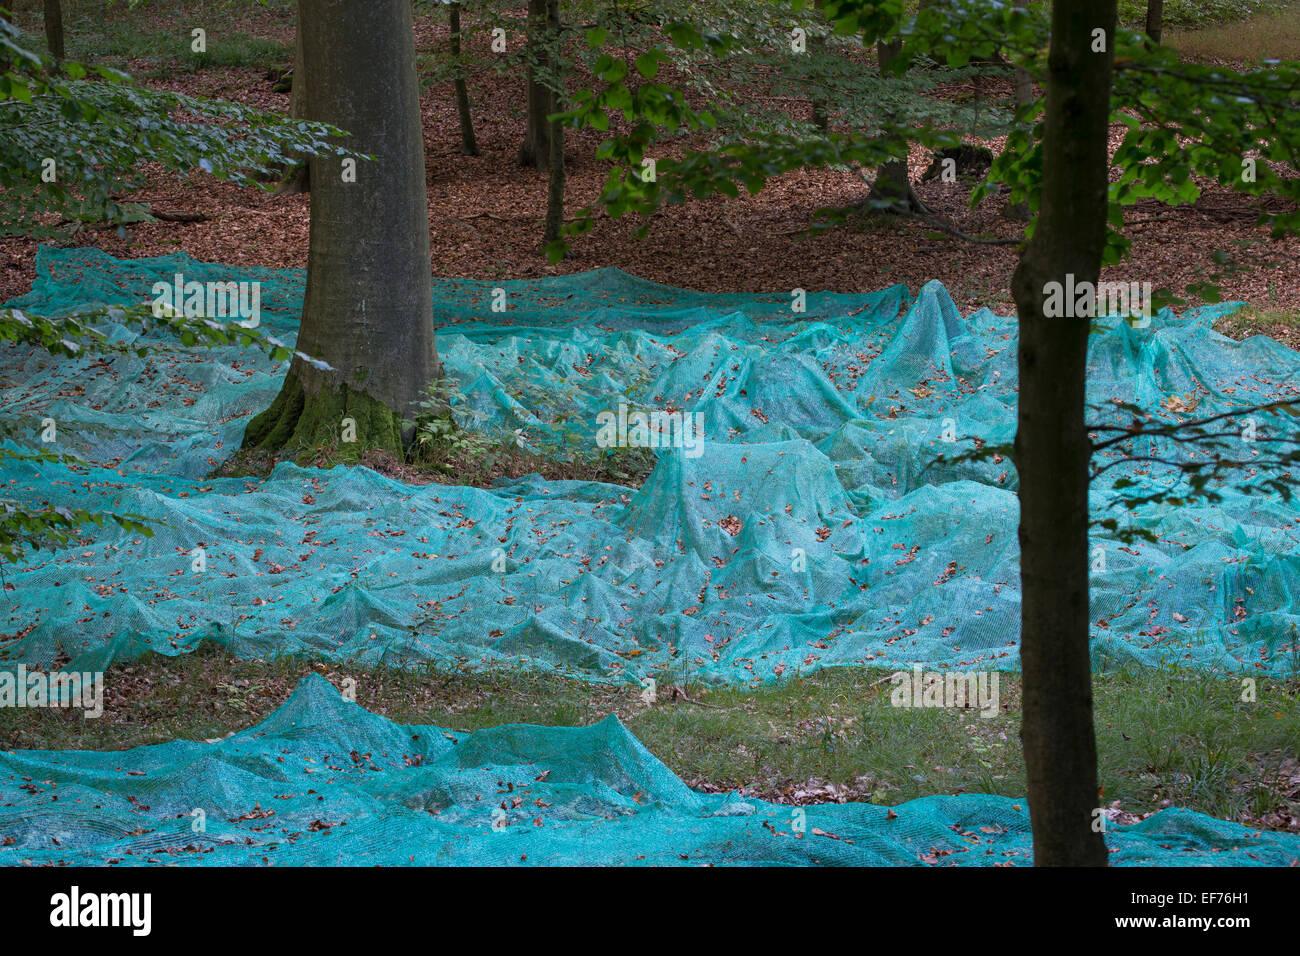 Beech, forest management, Beechnuts, Saatgut, Buchenwald, Bucheckern, Forstwirtschaft, Waldwirtschaft, Fagus sylvatica, Stock Photo